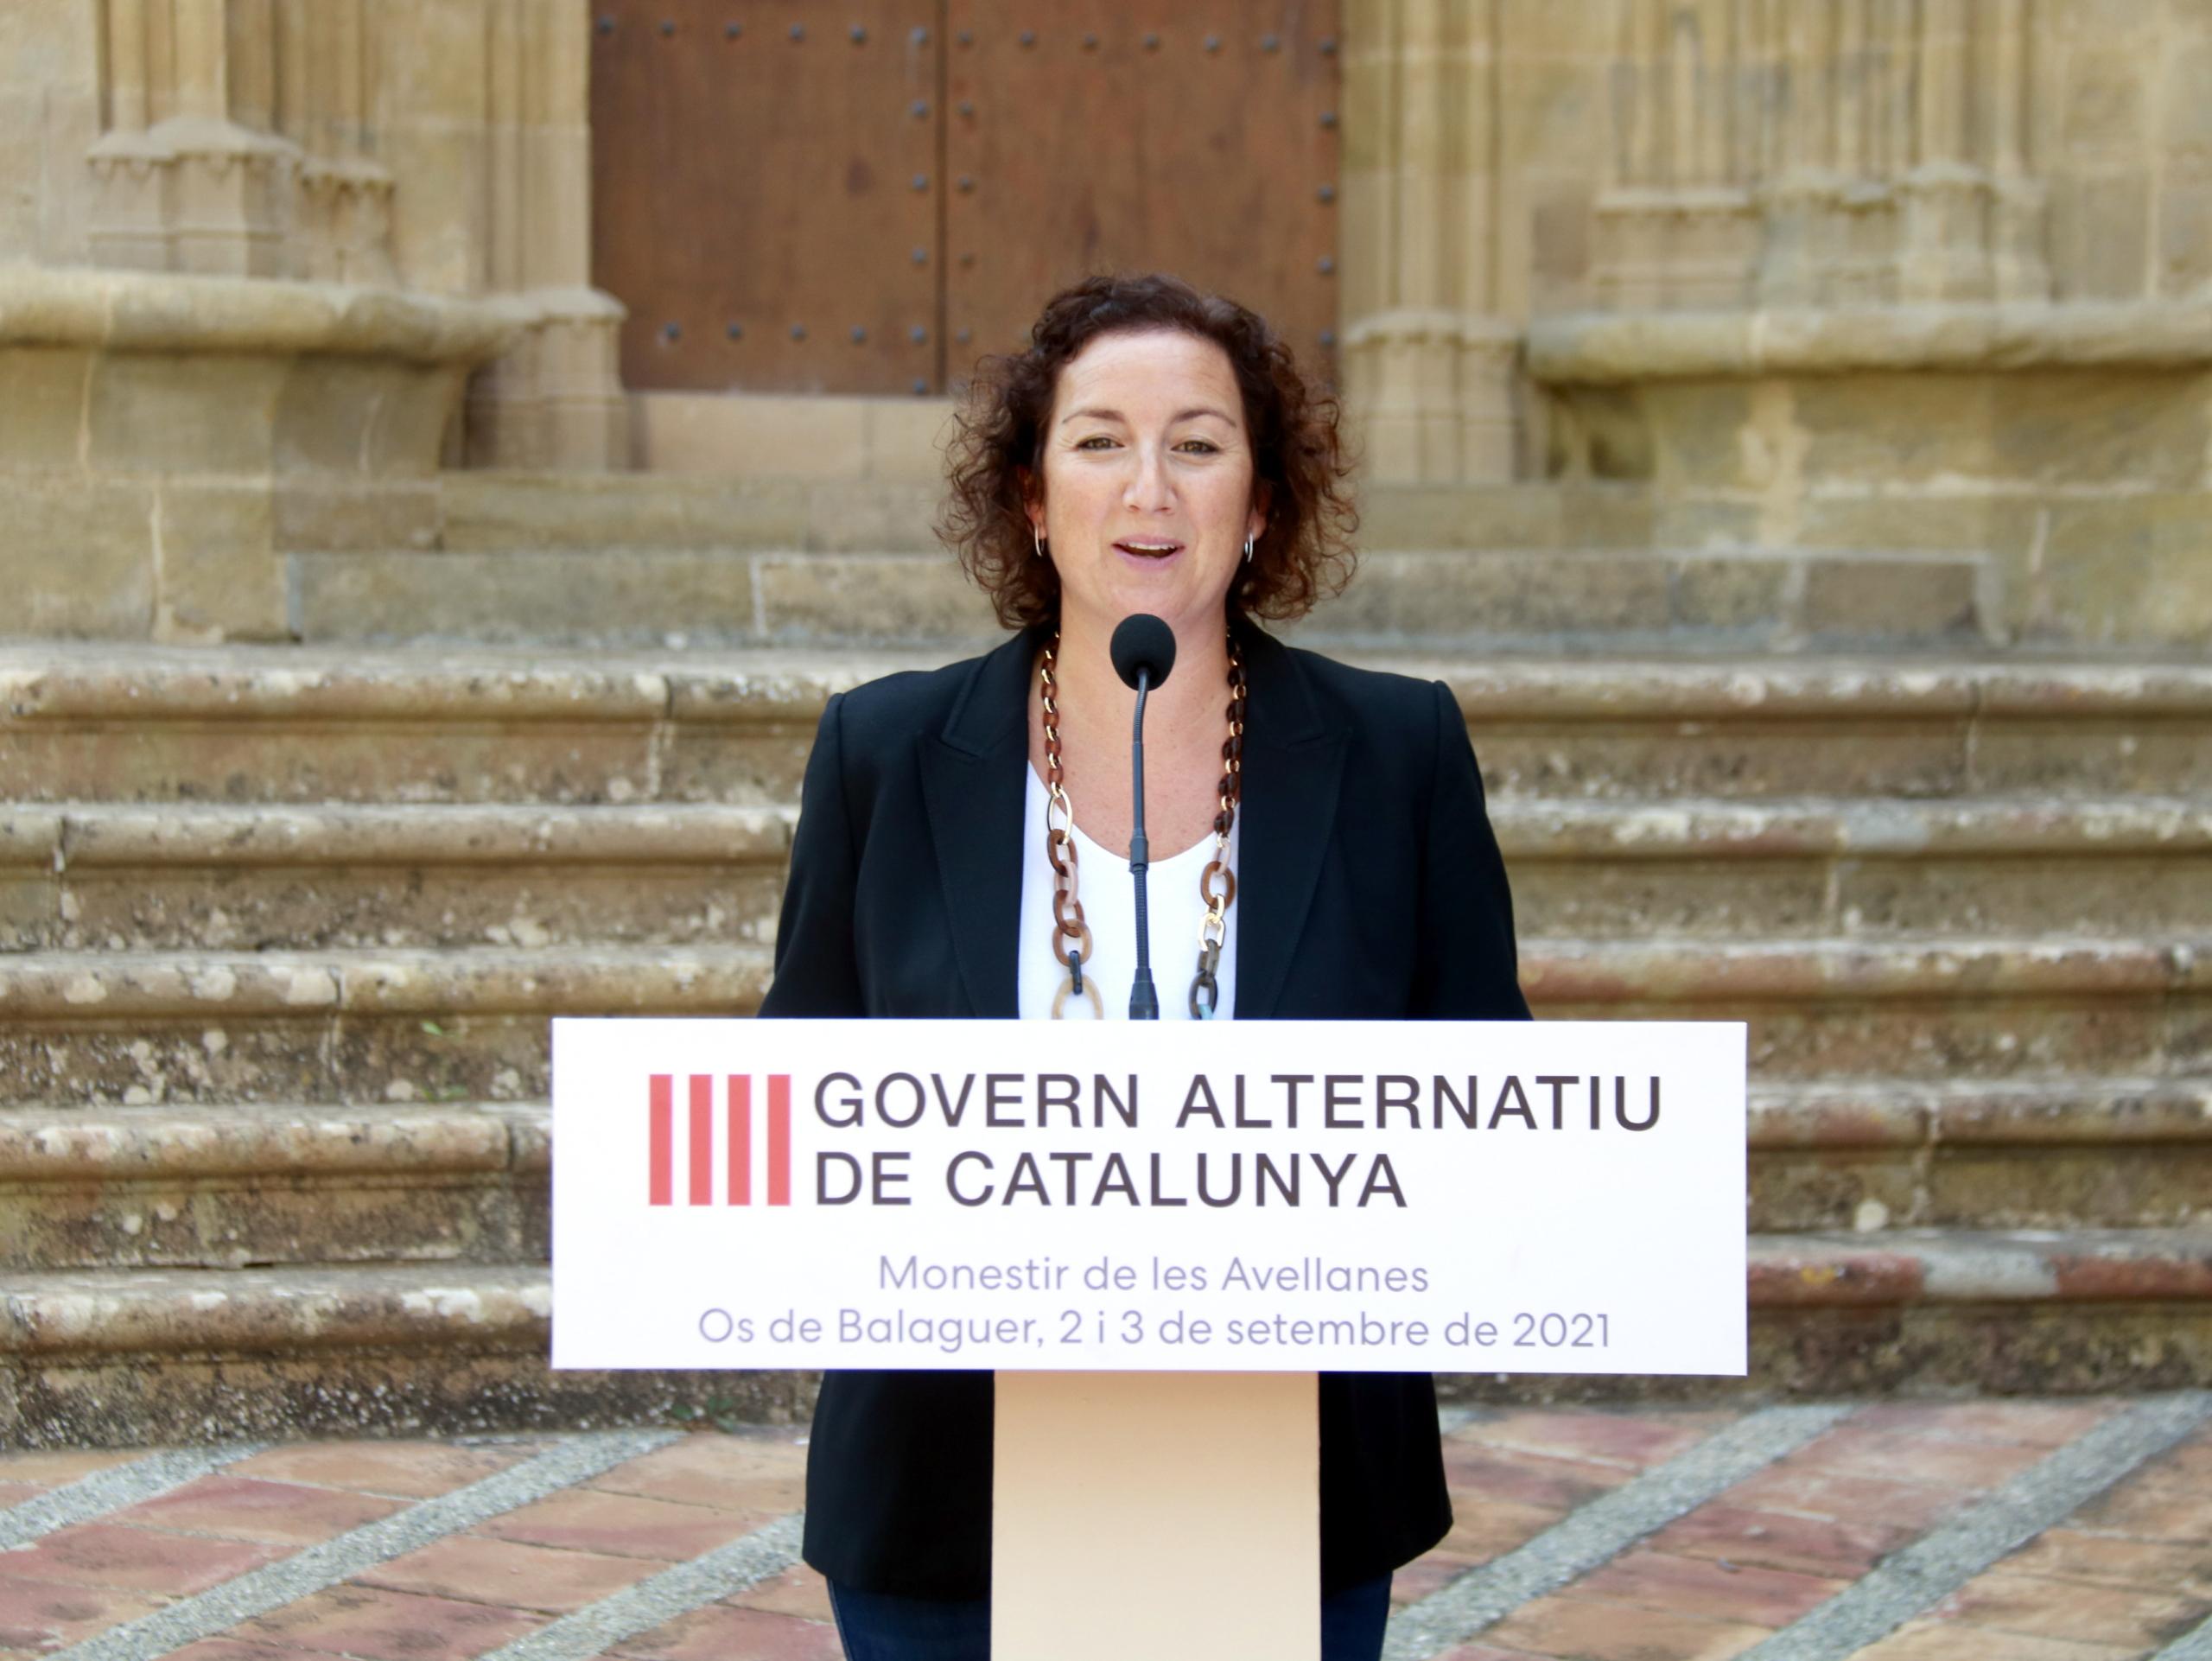 La portaveu del PSC al Parlament, Alícia Romero, durant una roda de premsa al Monestir de les Avellanes